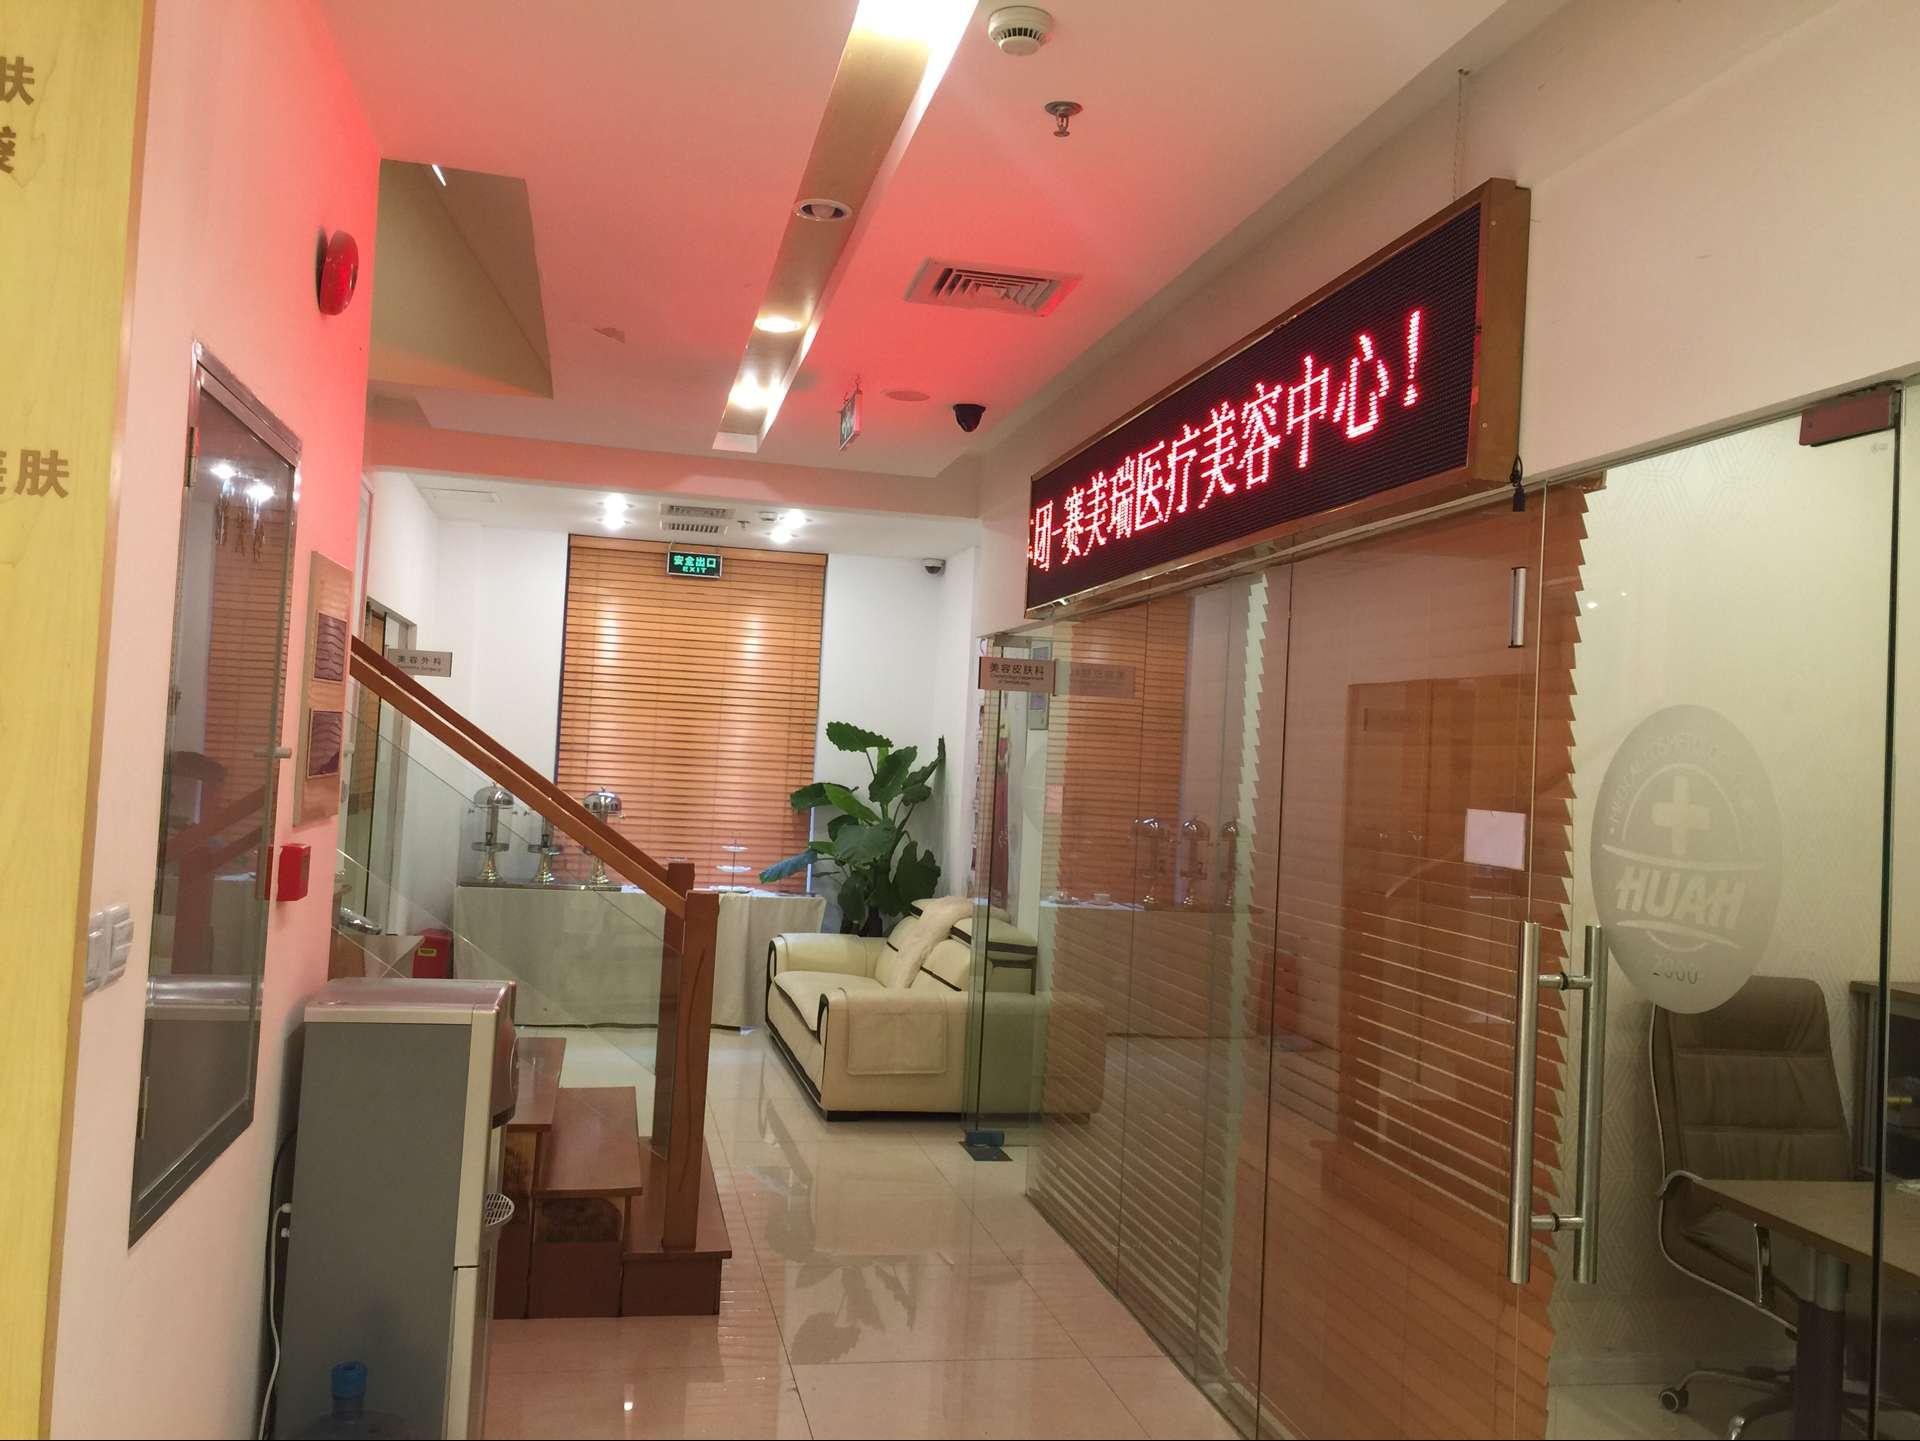 上海赛美瑞医疗美容门诊部环境图2